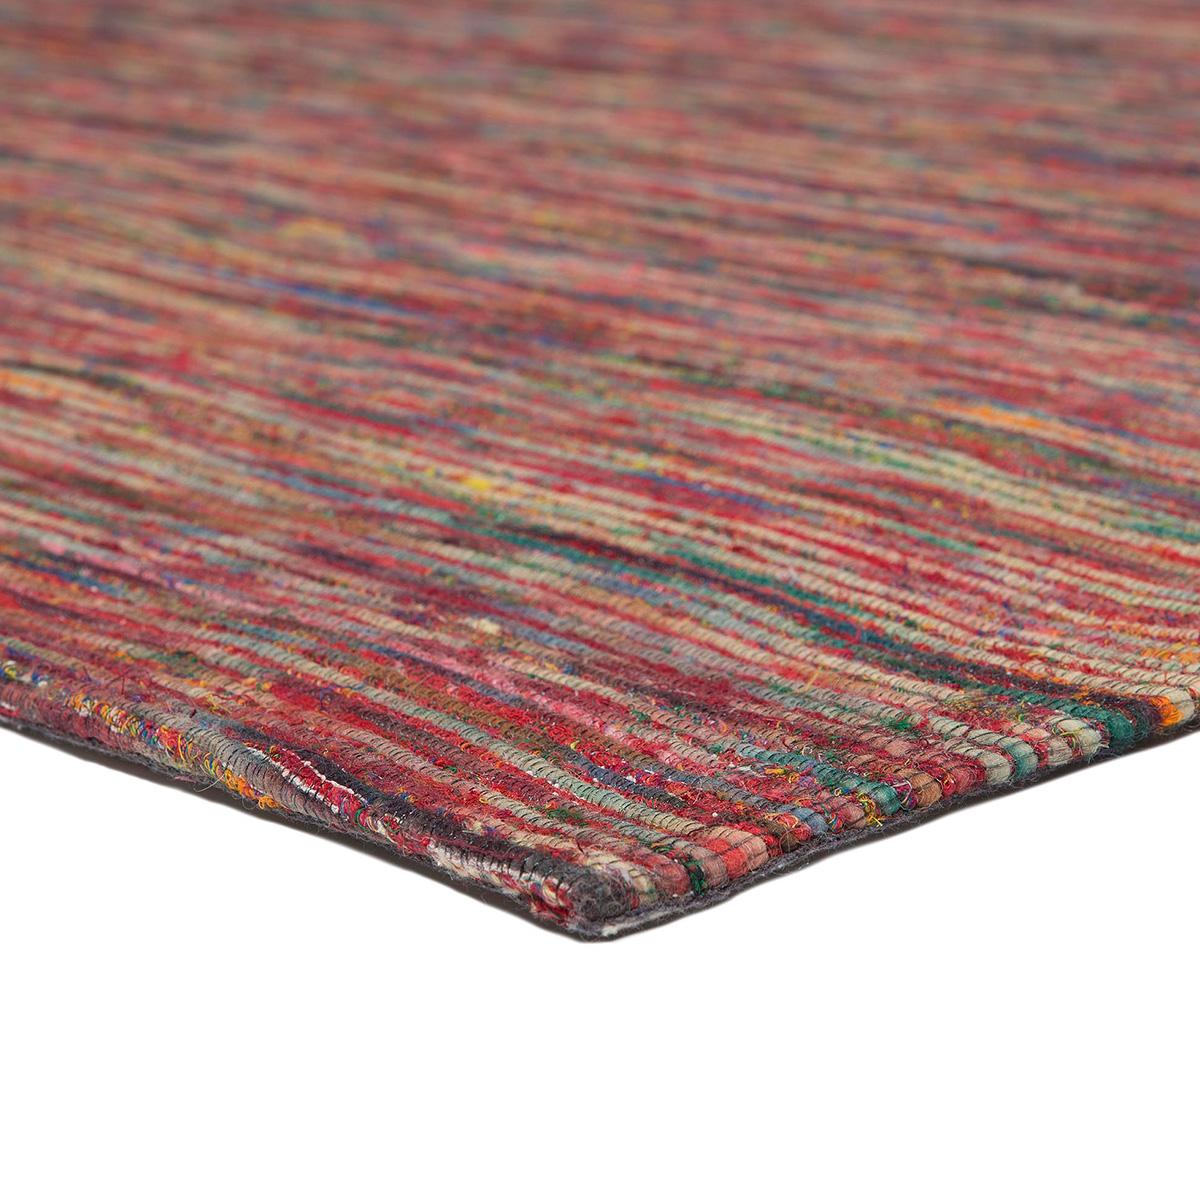 Vloerkleed Brinker Roskilde Red Multi | 160 x 230 cm